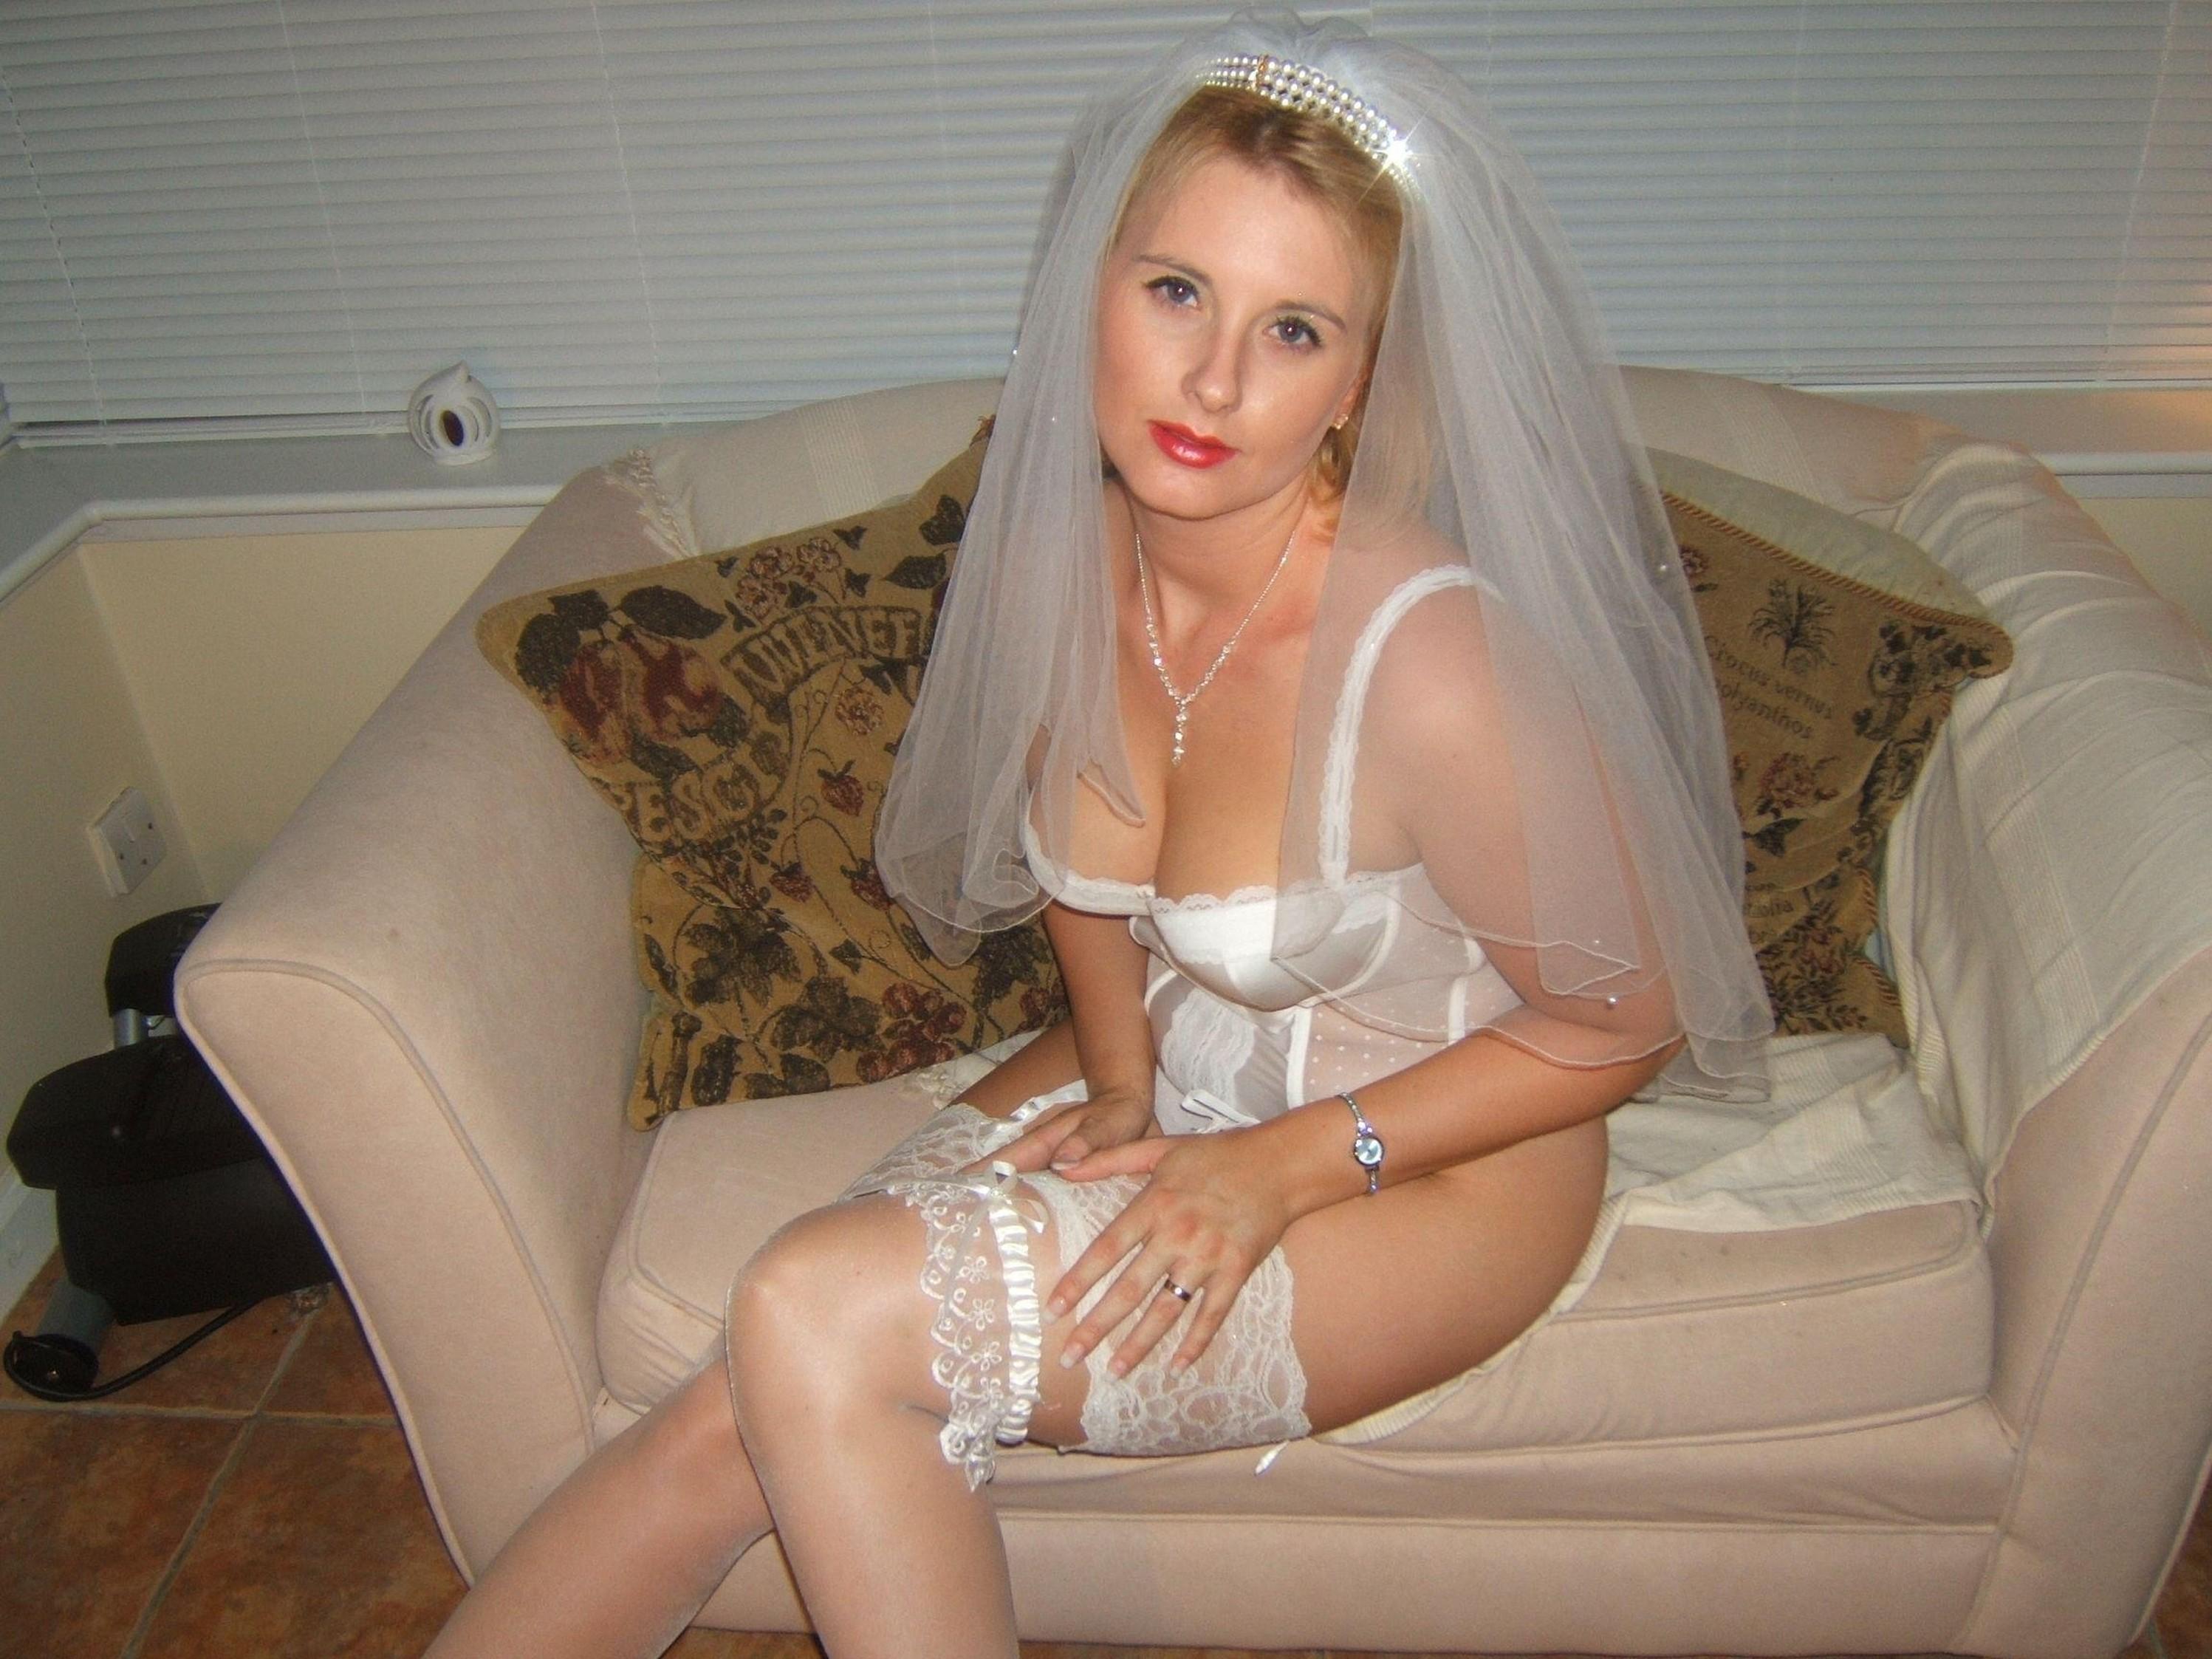 Русская порнухас мамами в ванной 29 фотография